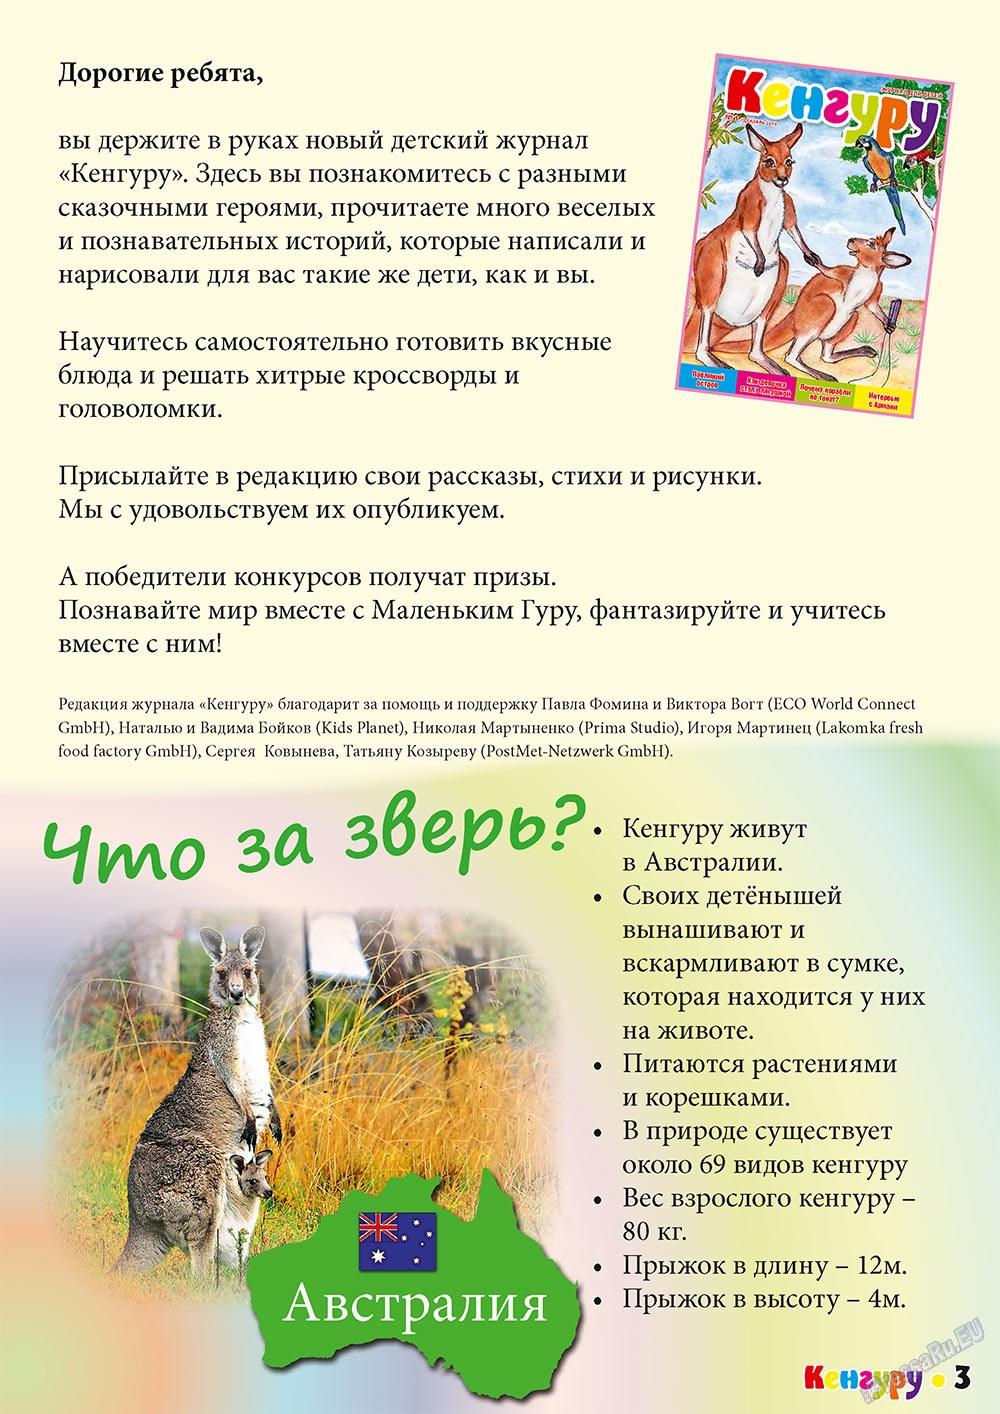 Кенгуру (журнал). 2010 год, номер 1, стр. 3